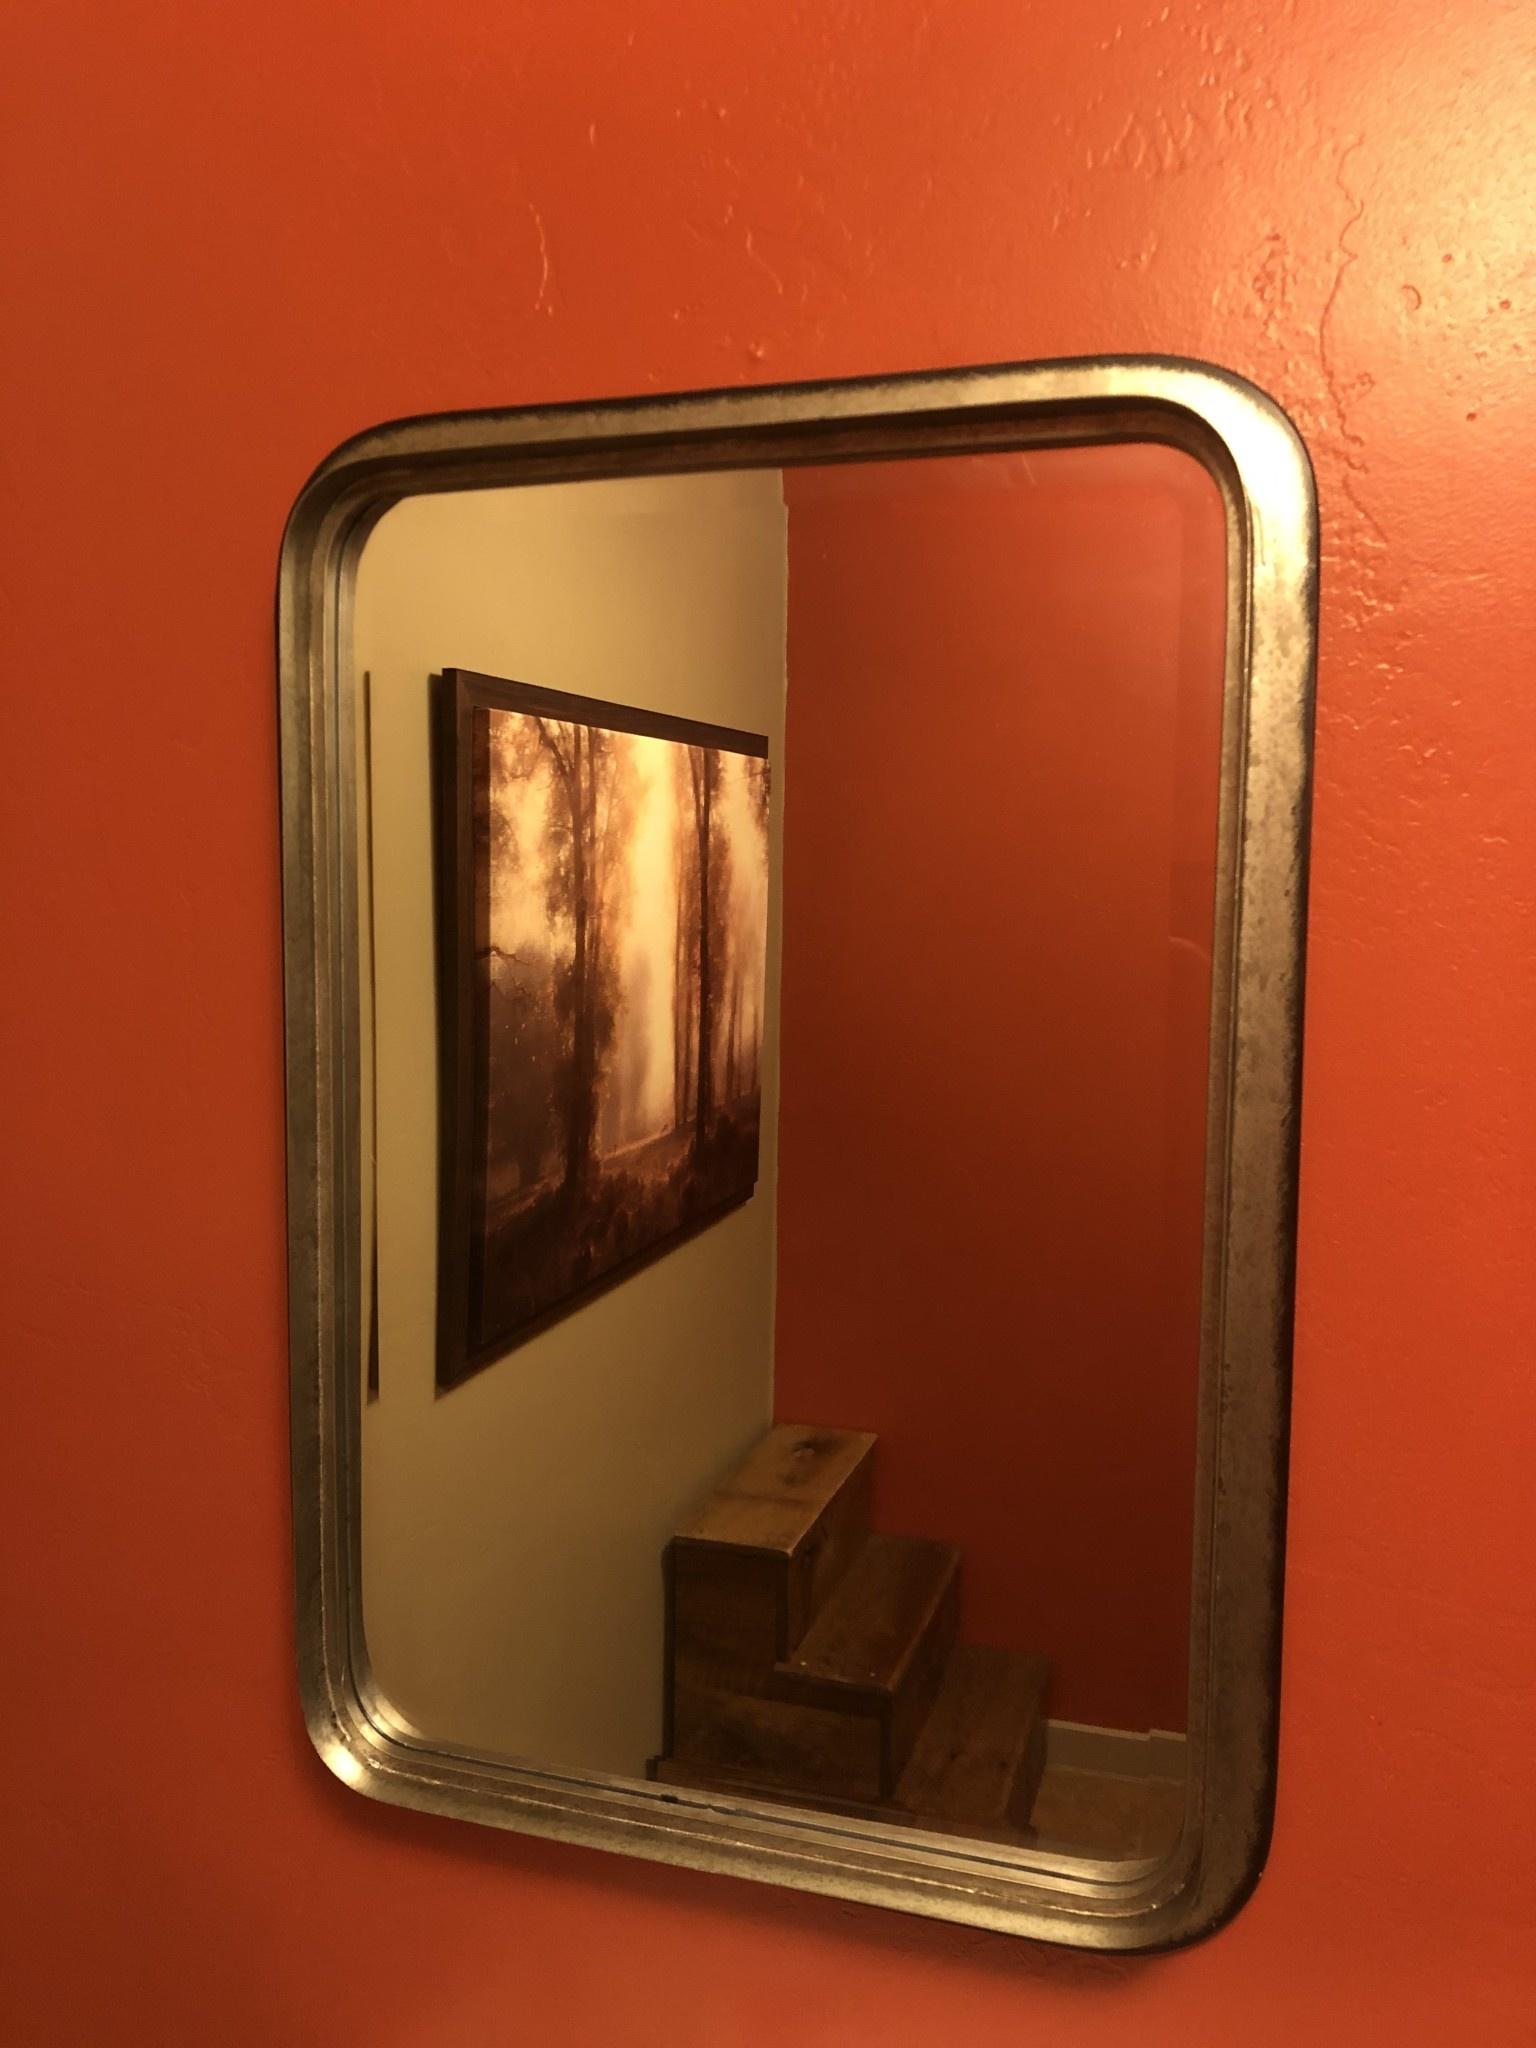 Uttermost Madox Mirror in Galvanized Iron